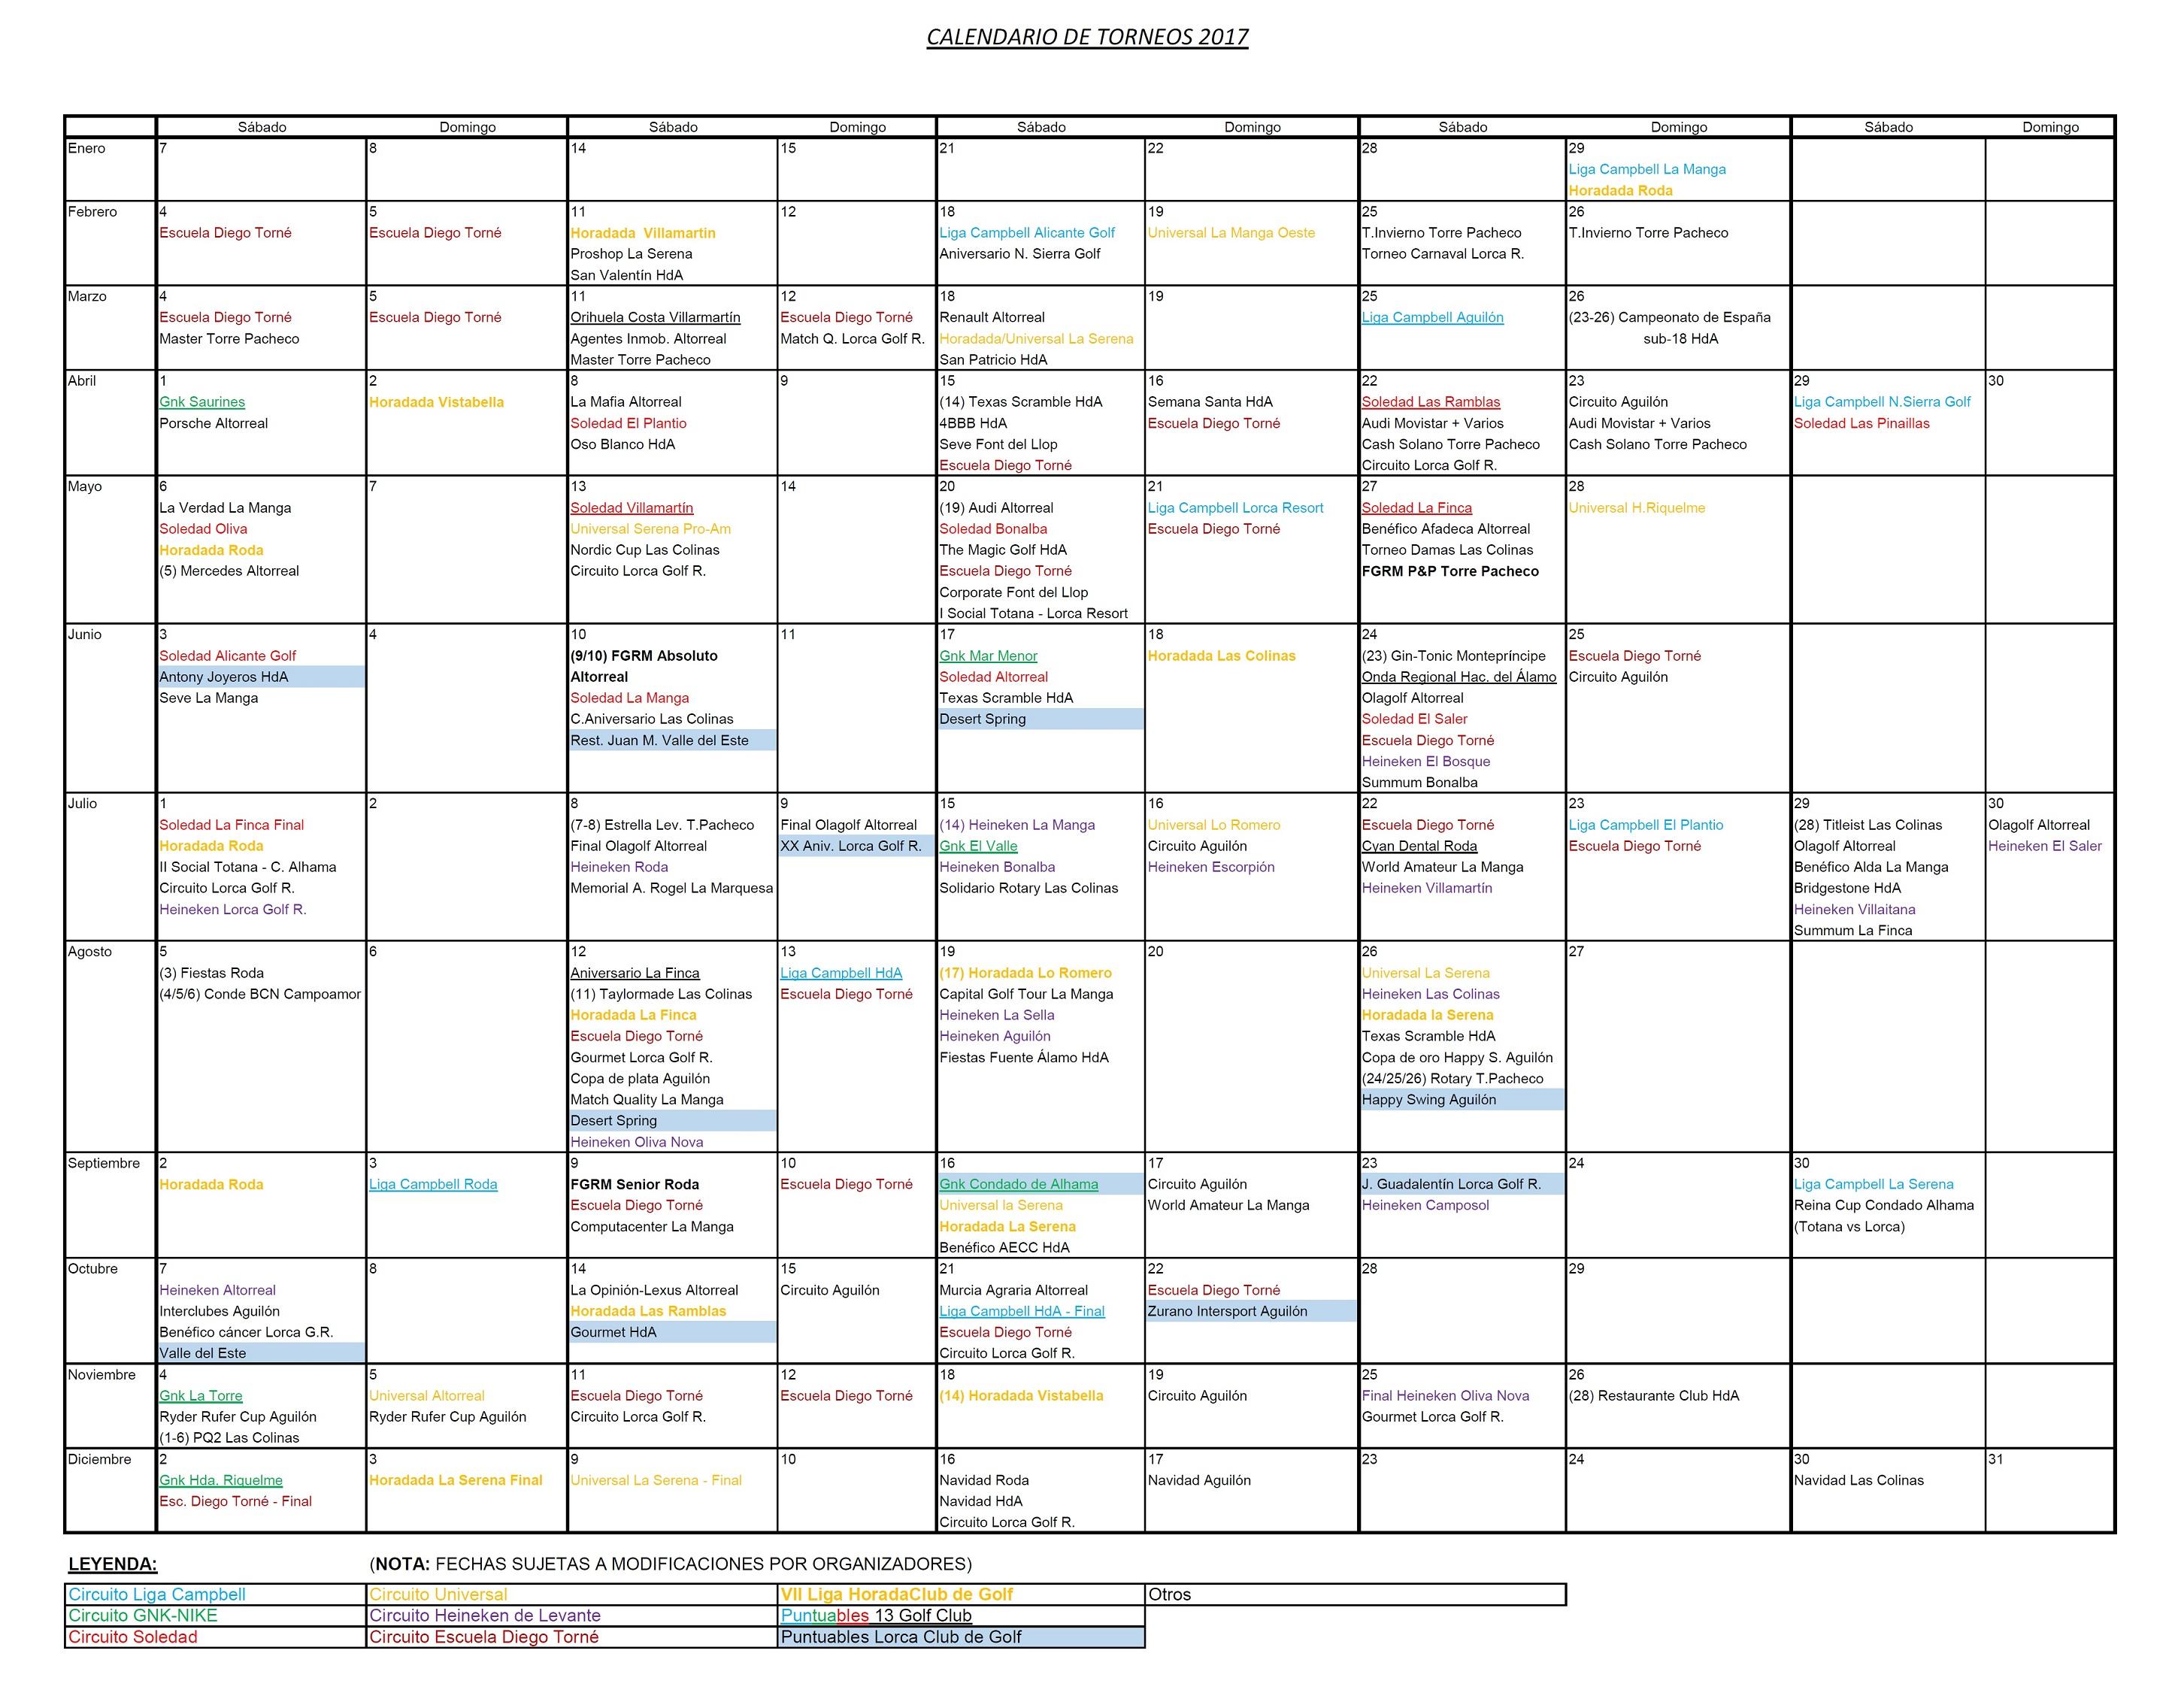 170627 Actualización de Calendario de Torneos